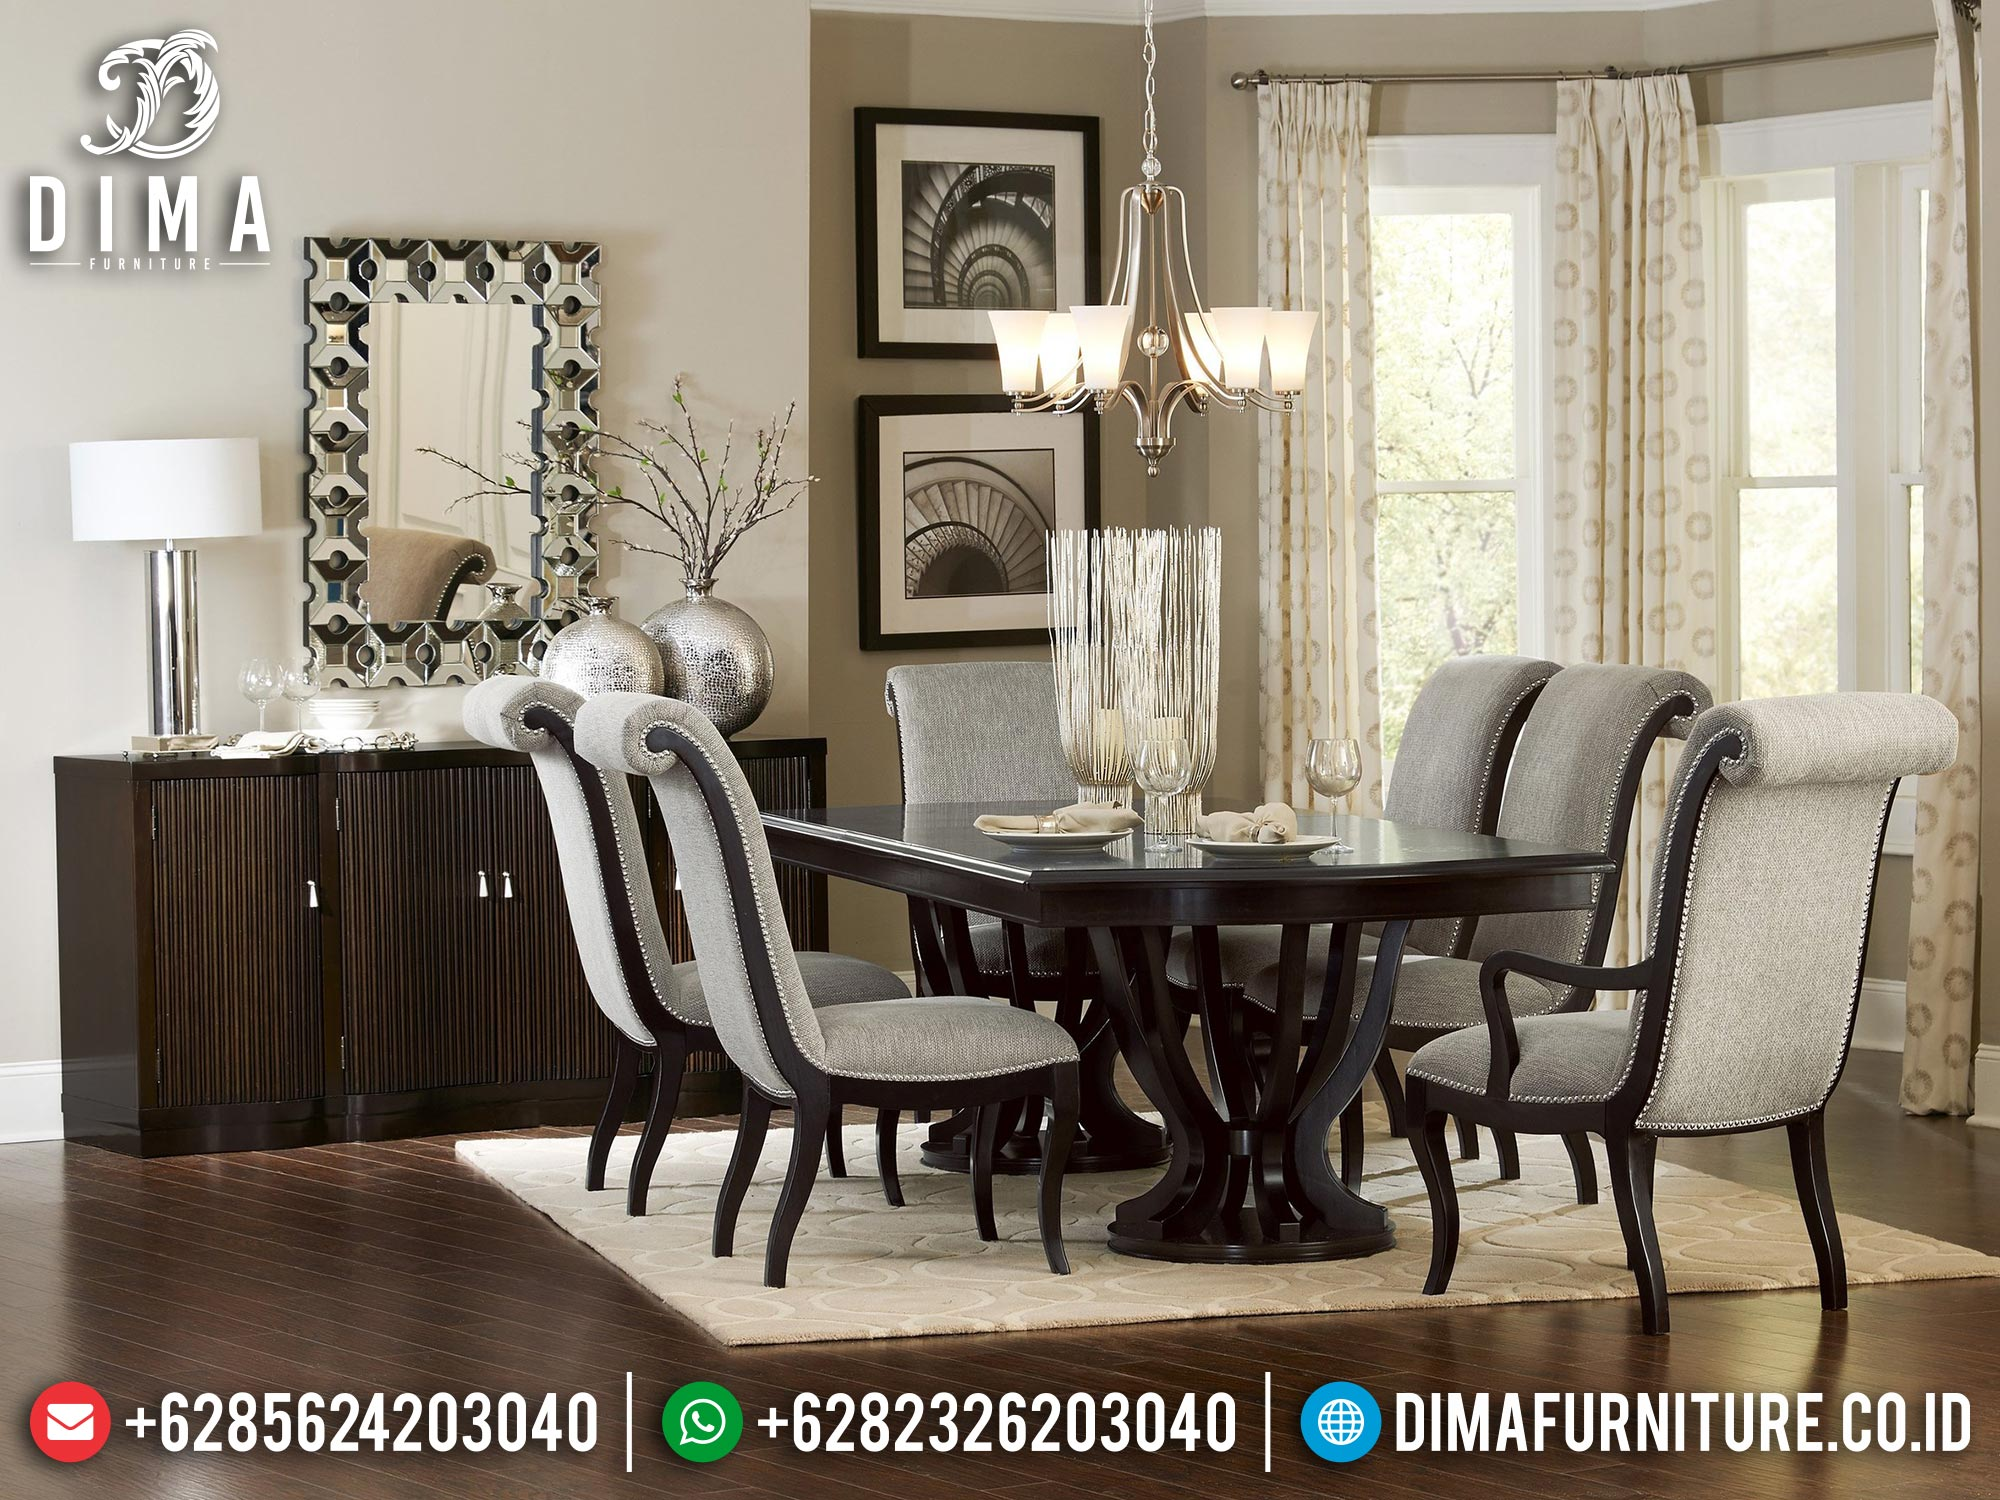 Meja Makan Minimalis Terbaru Furniture Jepara Desain Extraordinary Mm-1041